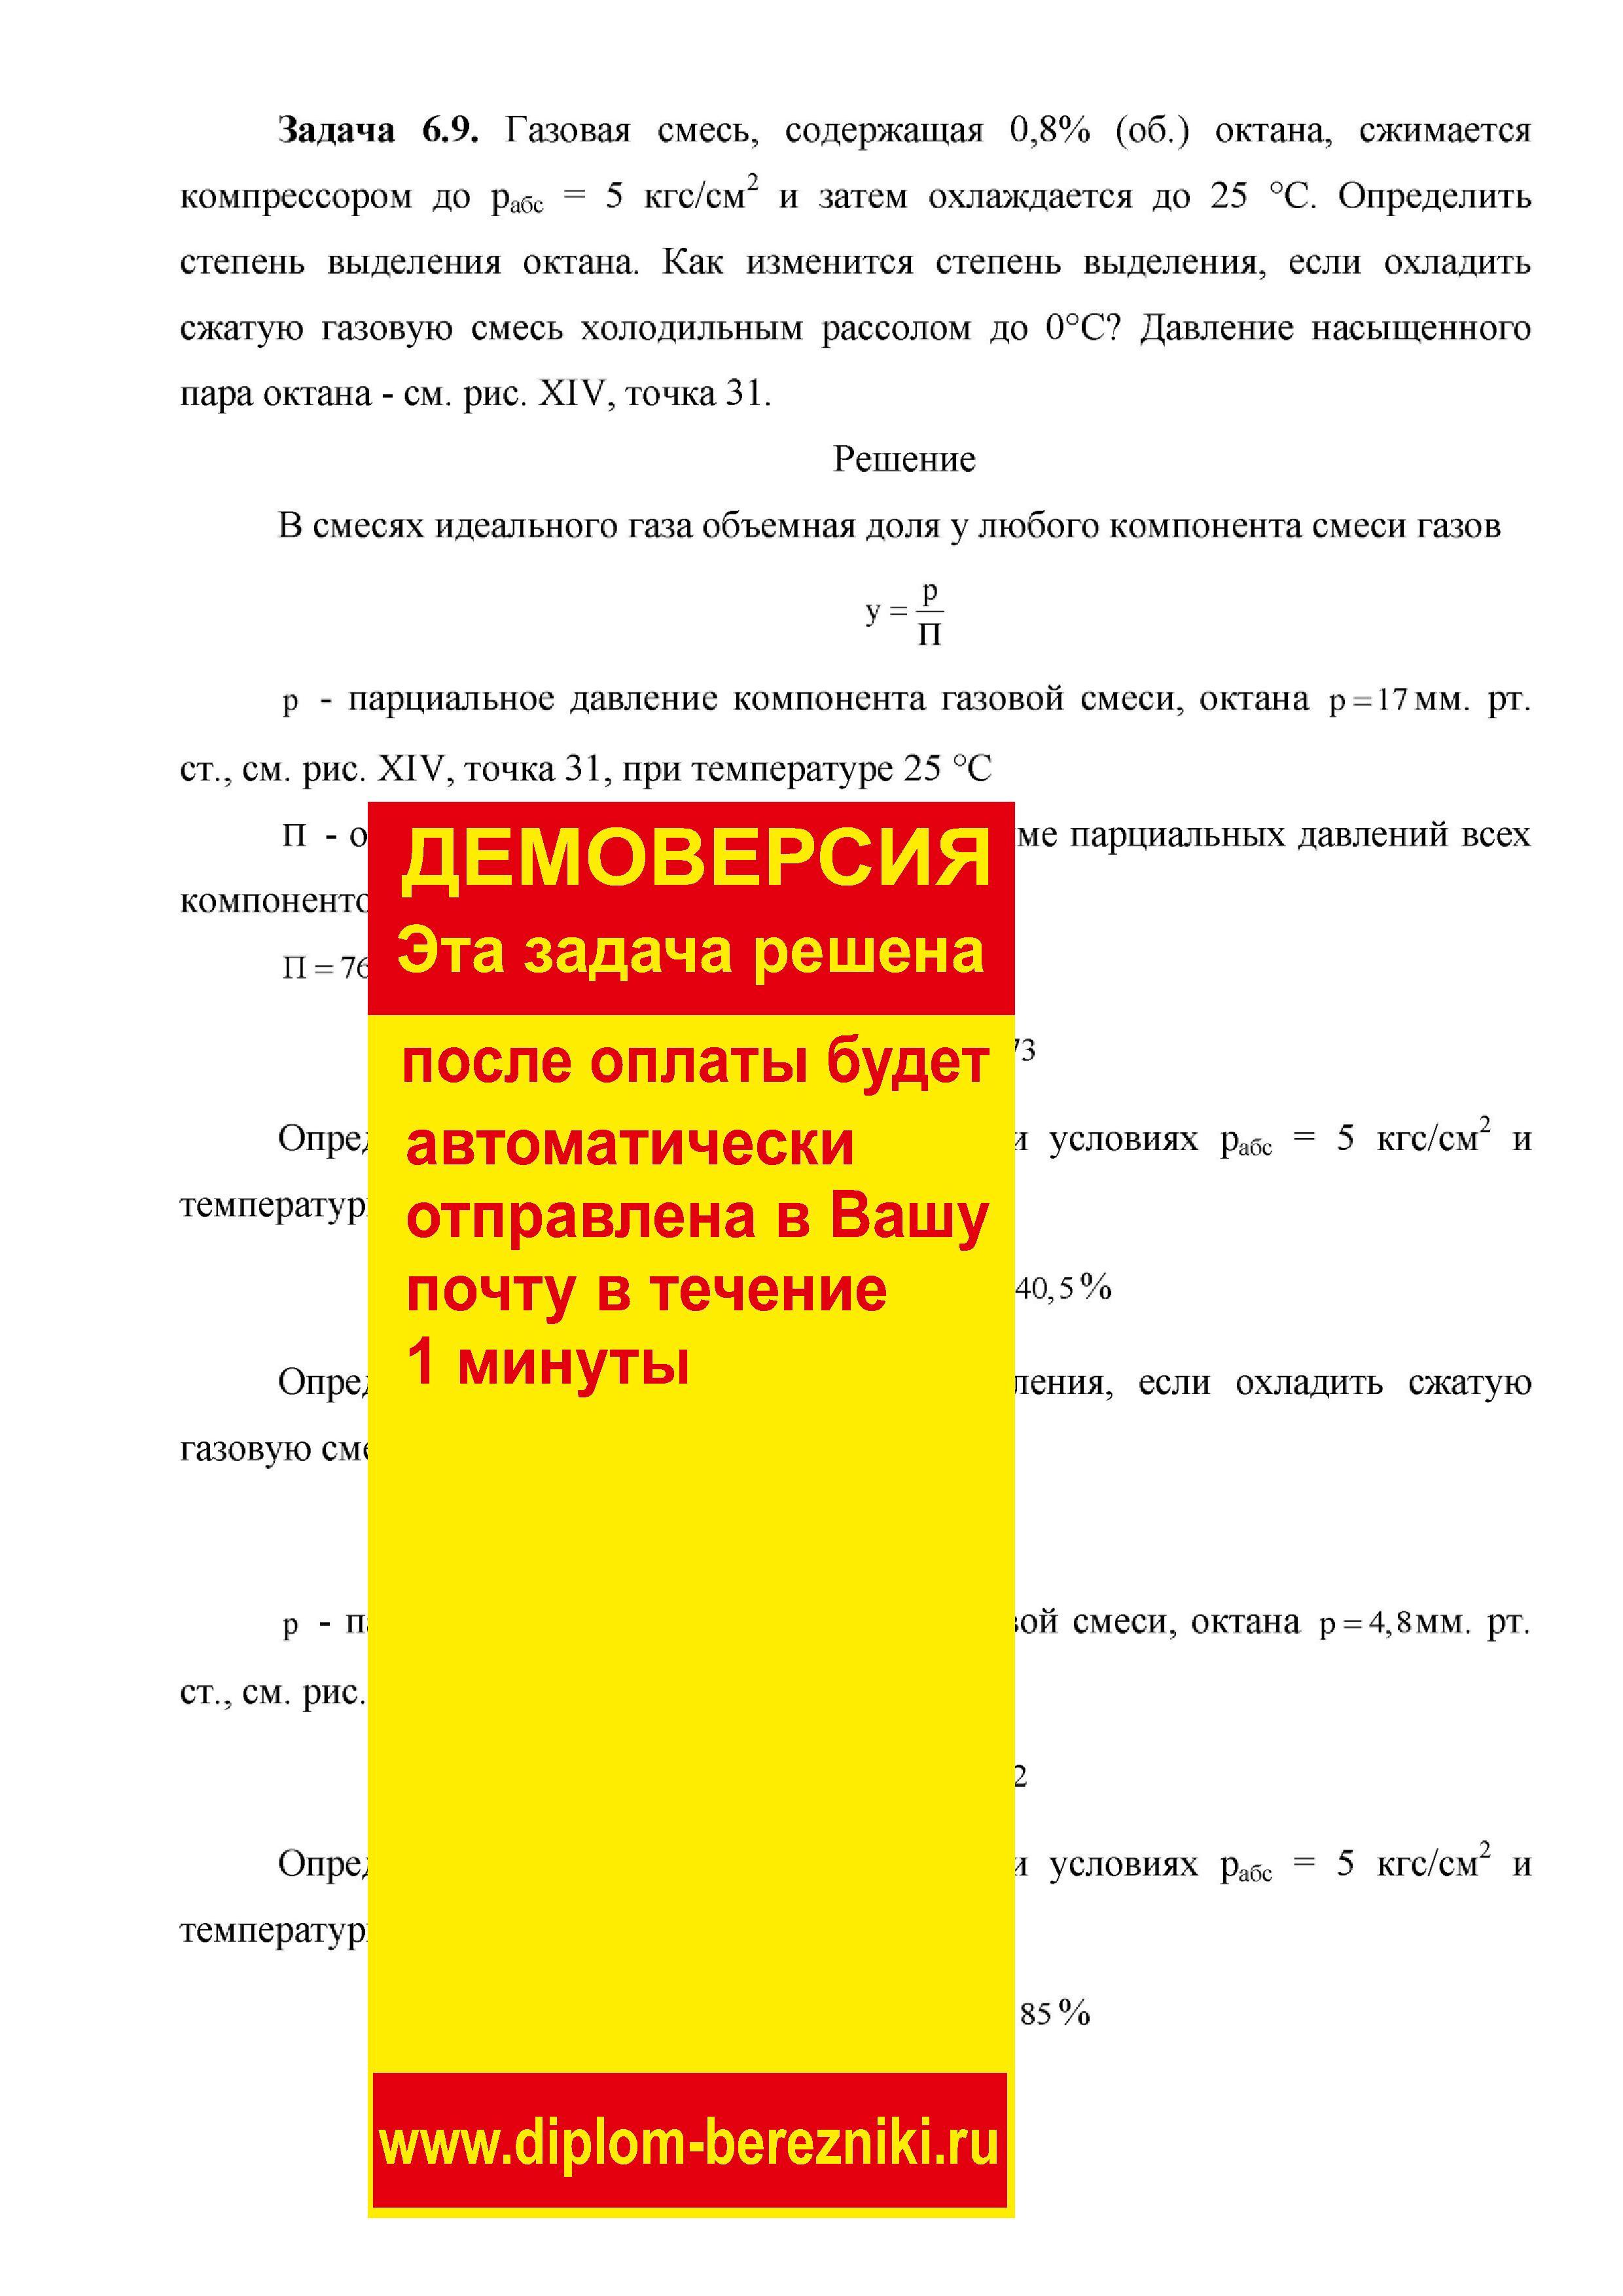 Решение задачи 6.9 по ПАХТ из задачника Павлова Романкова Носкова